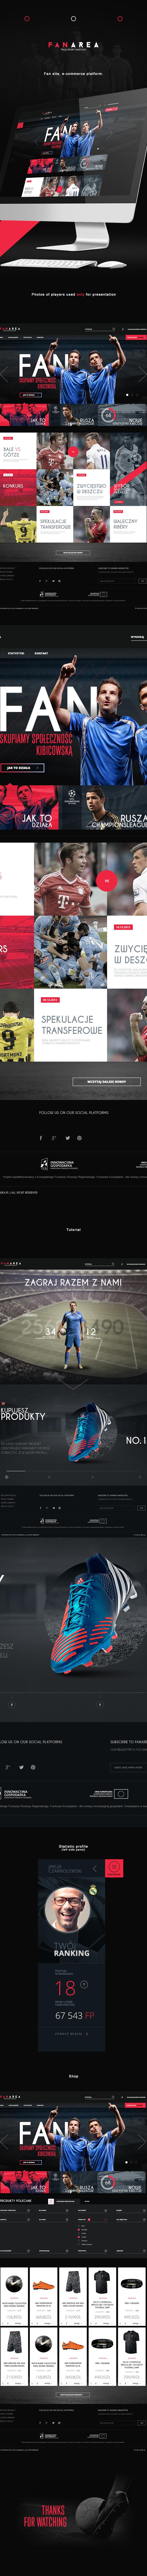 Football Fan Site & Shop on